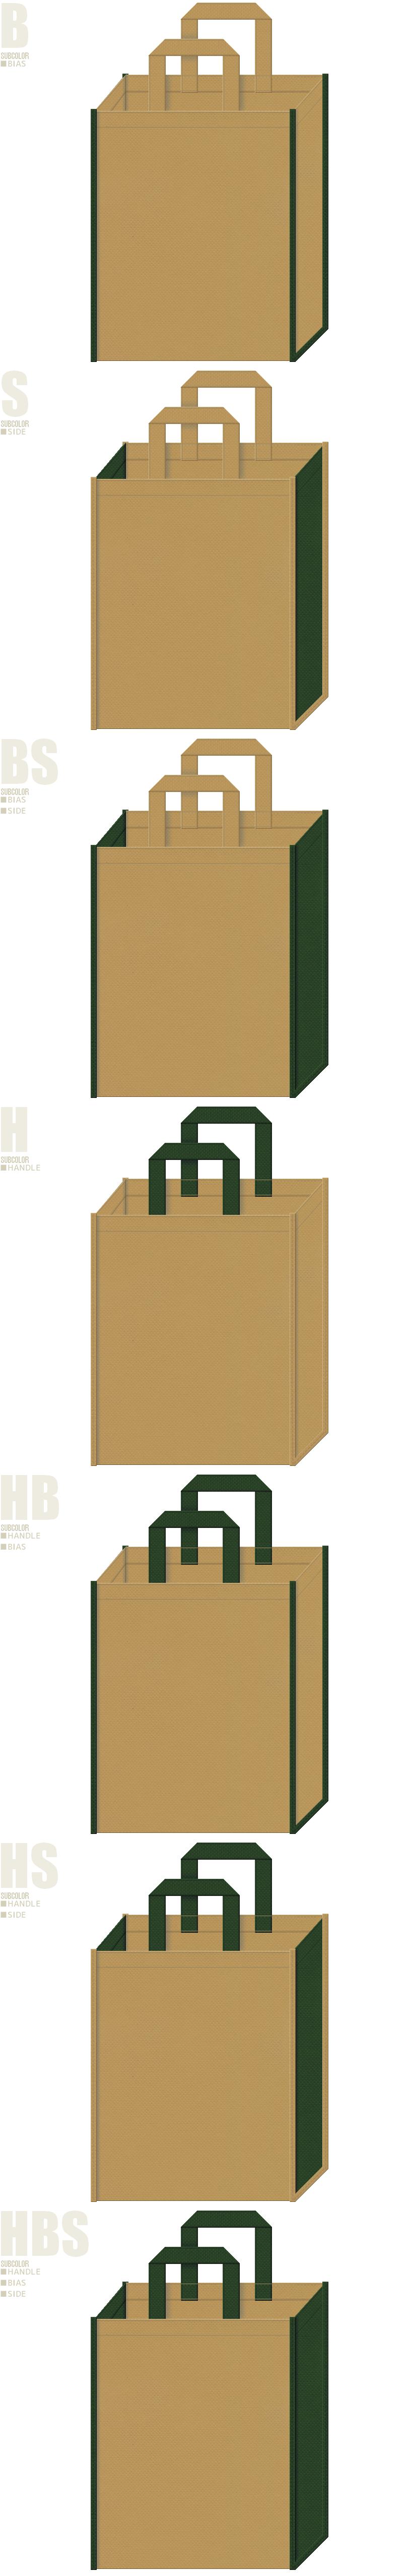 キャンプ用品・アウトドア用品・DIYの展示会用バッグにお奨めの不織布バッグデザイン:金黄土色と濃緑色の不織布バッグ配色7パターン。ジャングル・恐竜のイメージにもお奨め。